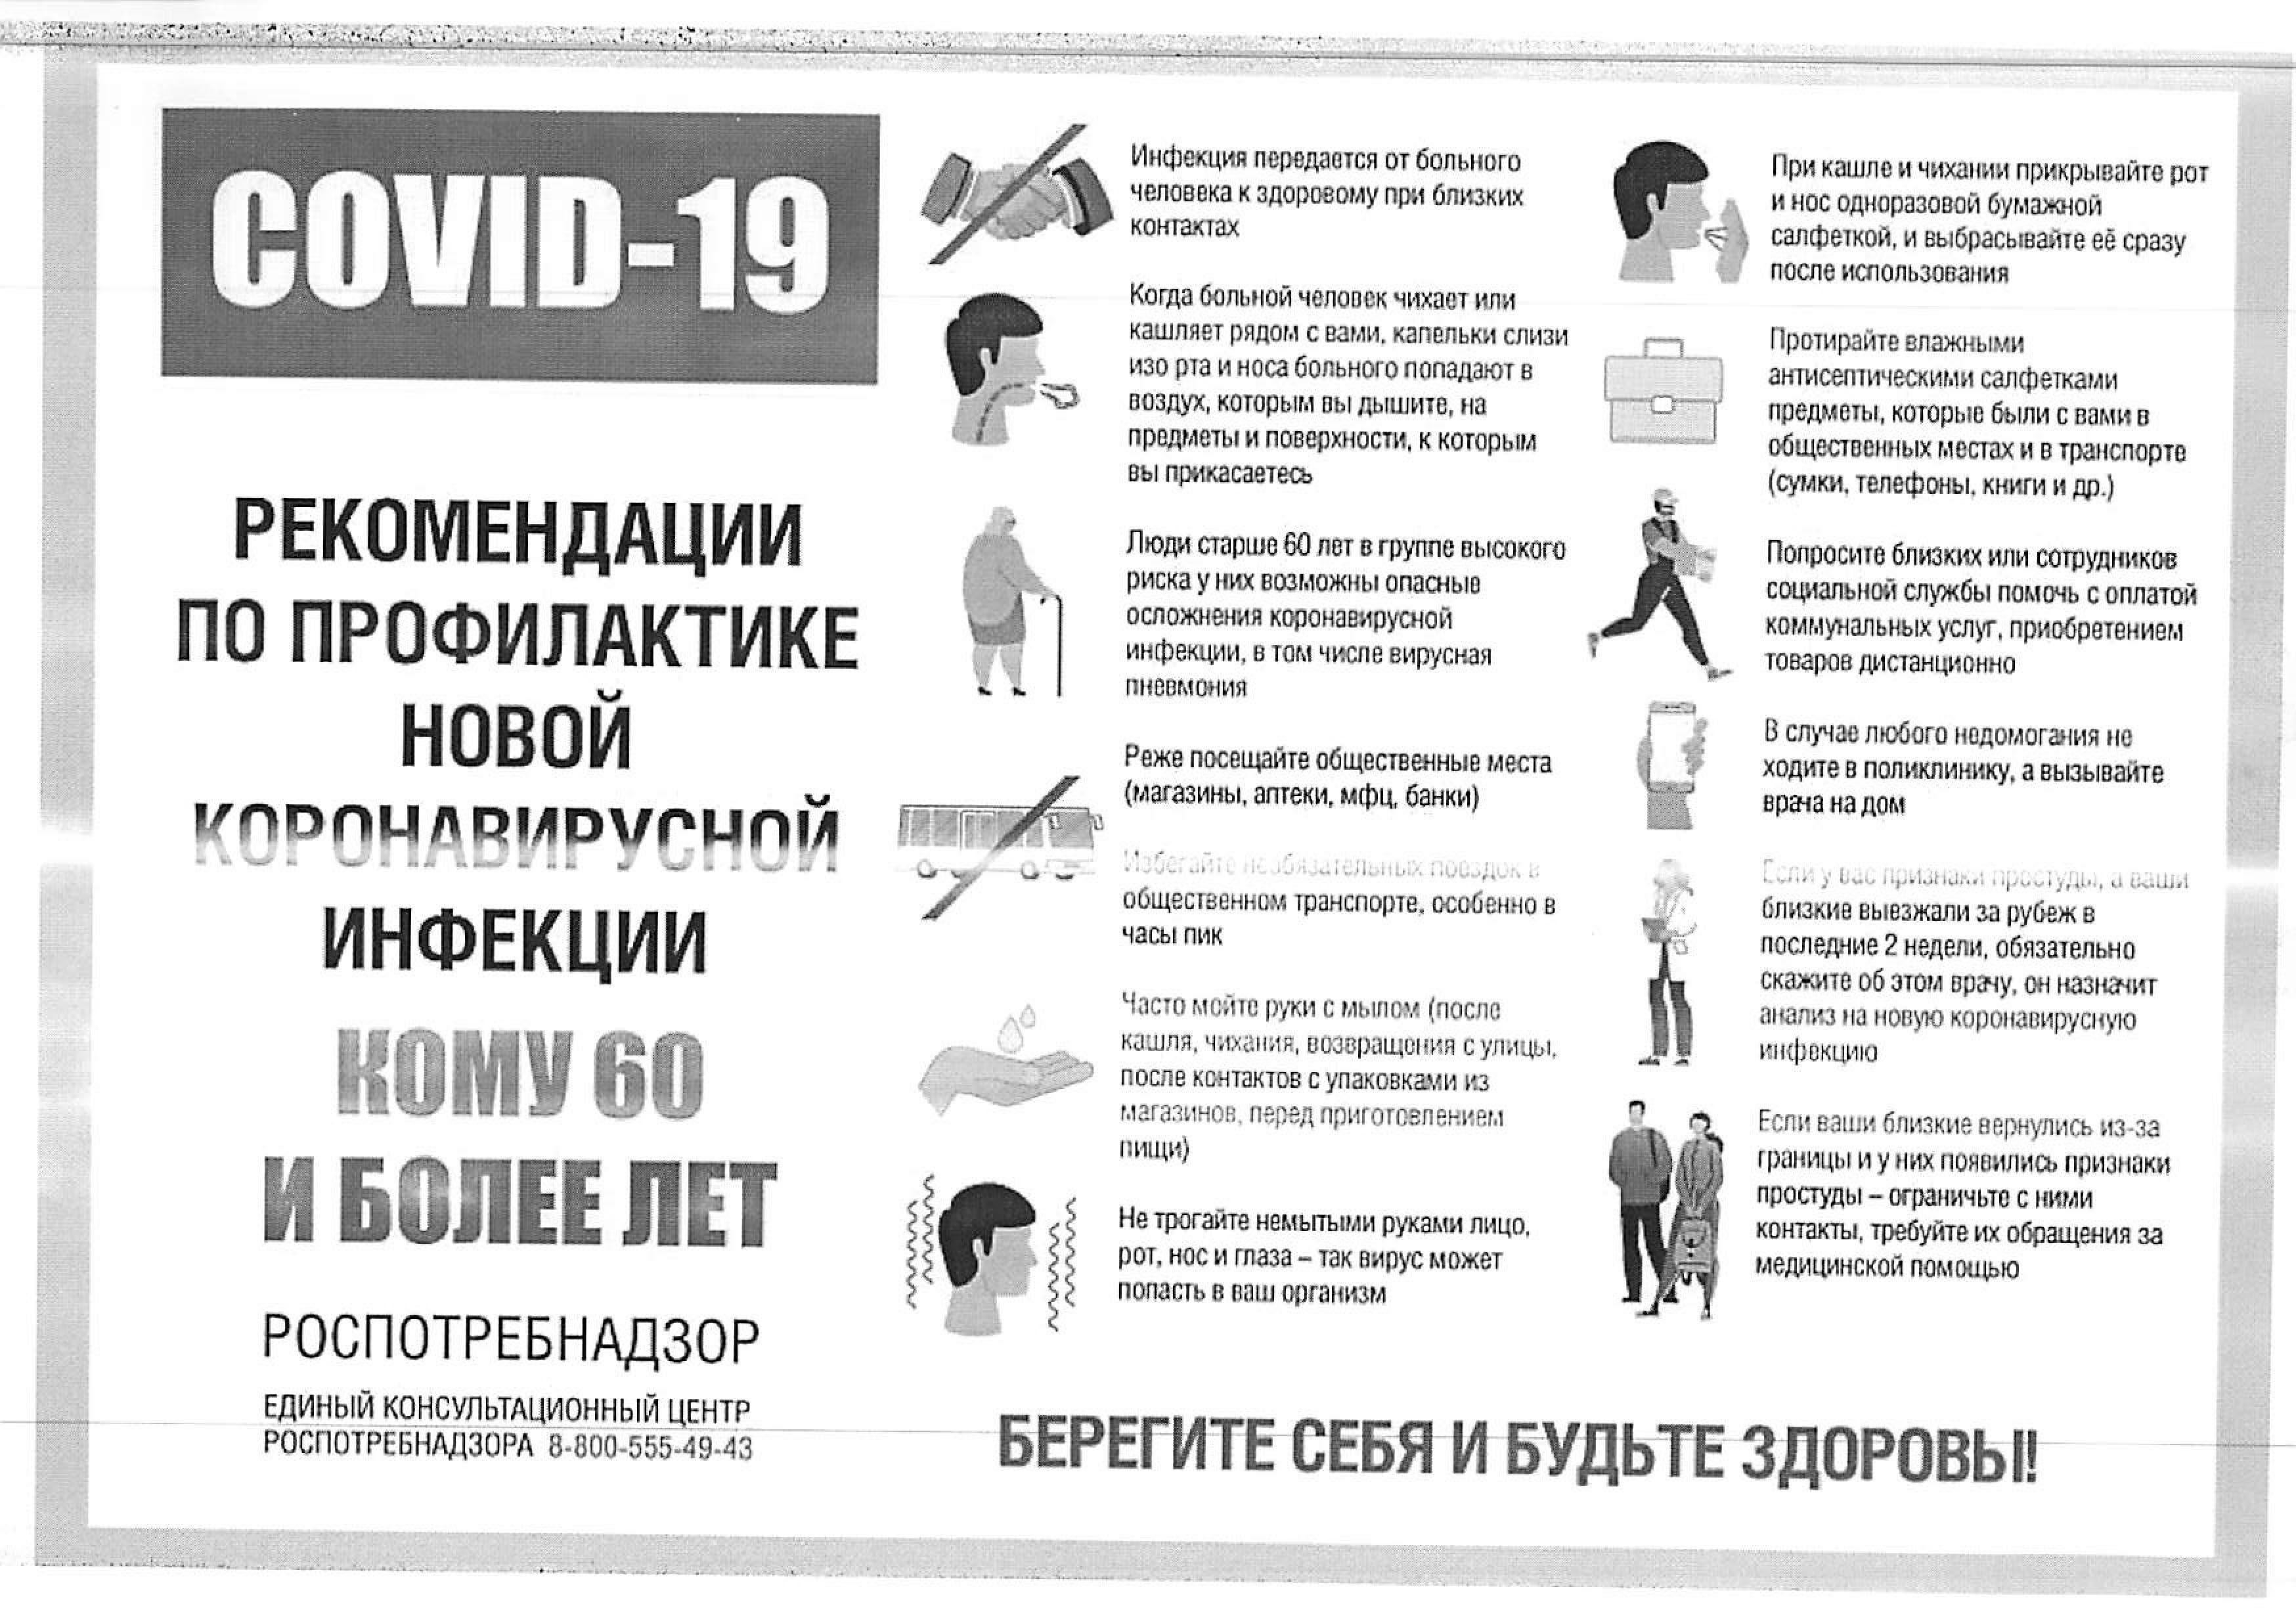 рекомендации по профилактике новой коронавирусной инфекции для тех кому 60 и более лет_